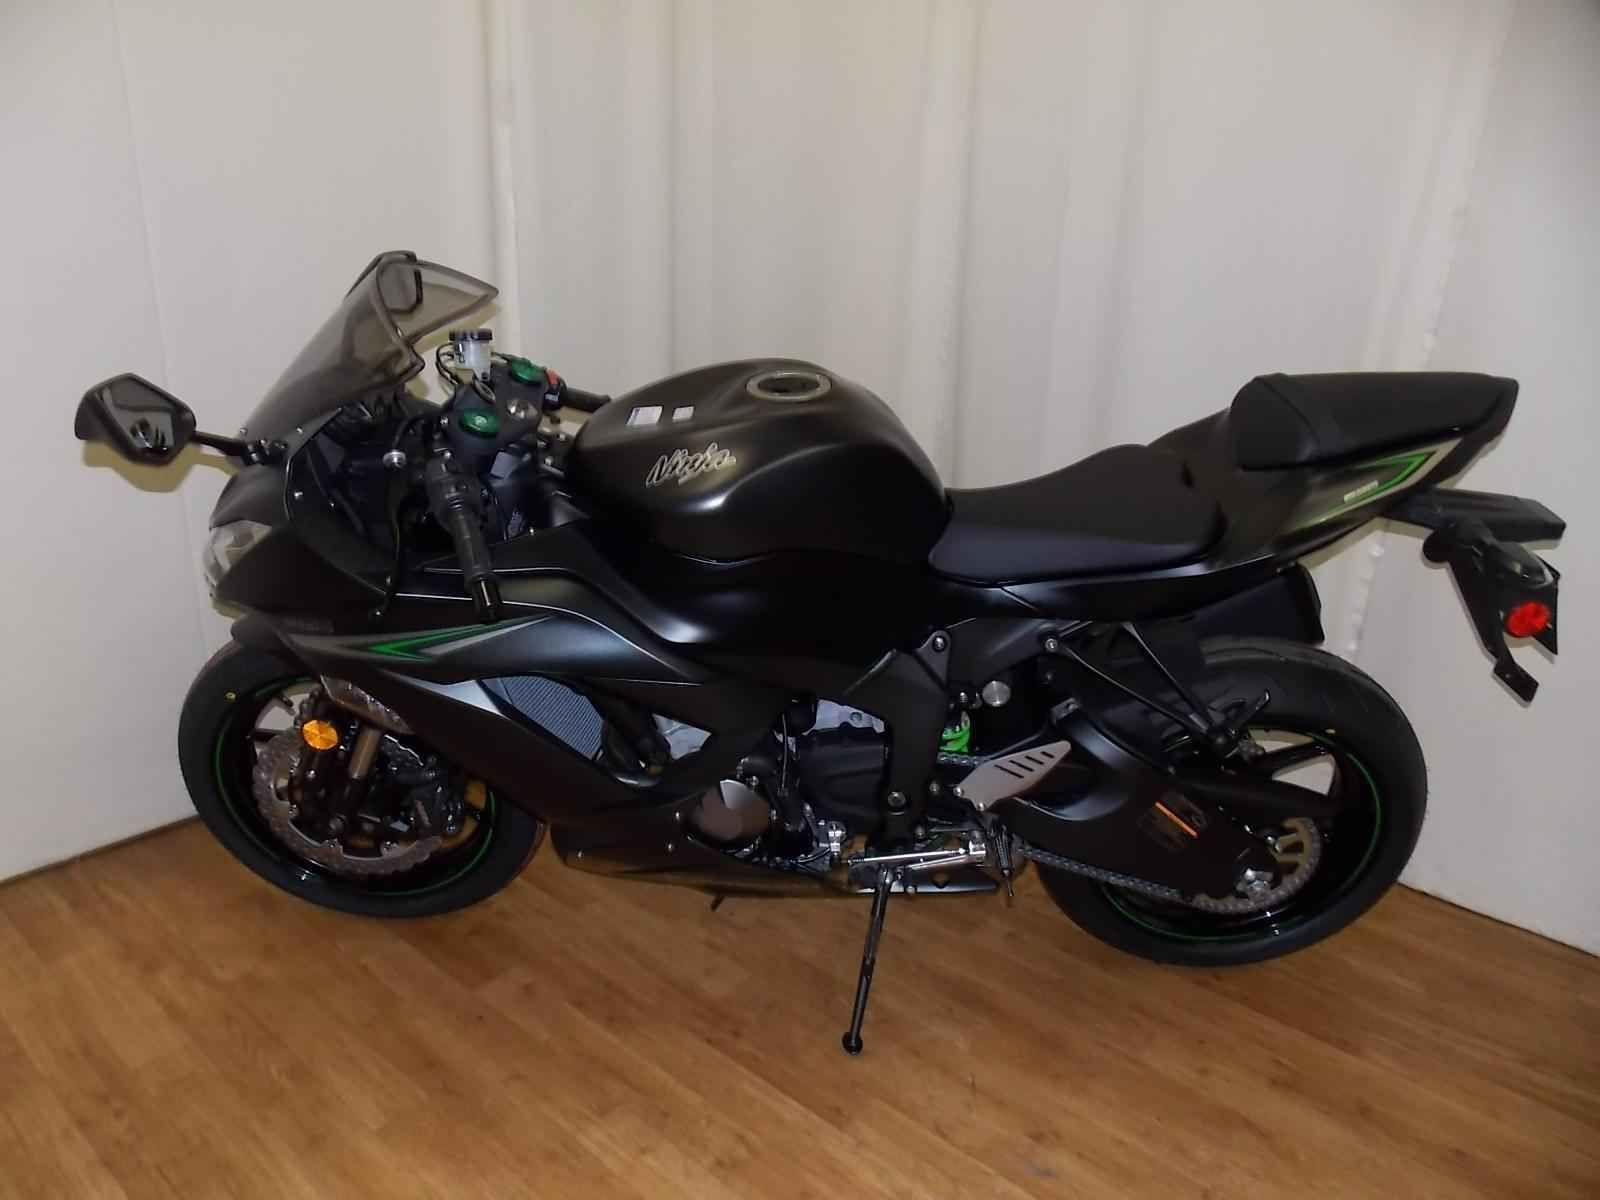 2016 Kawasaki Ninja Zx 6r Abs Zx636fgf Kawasaki Ninja Zx6r